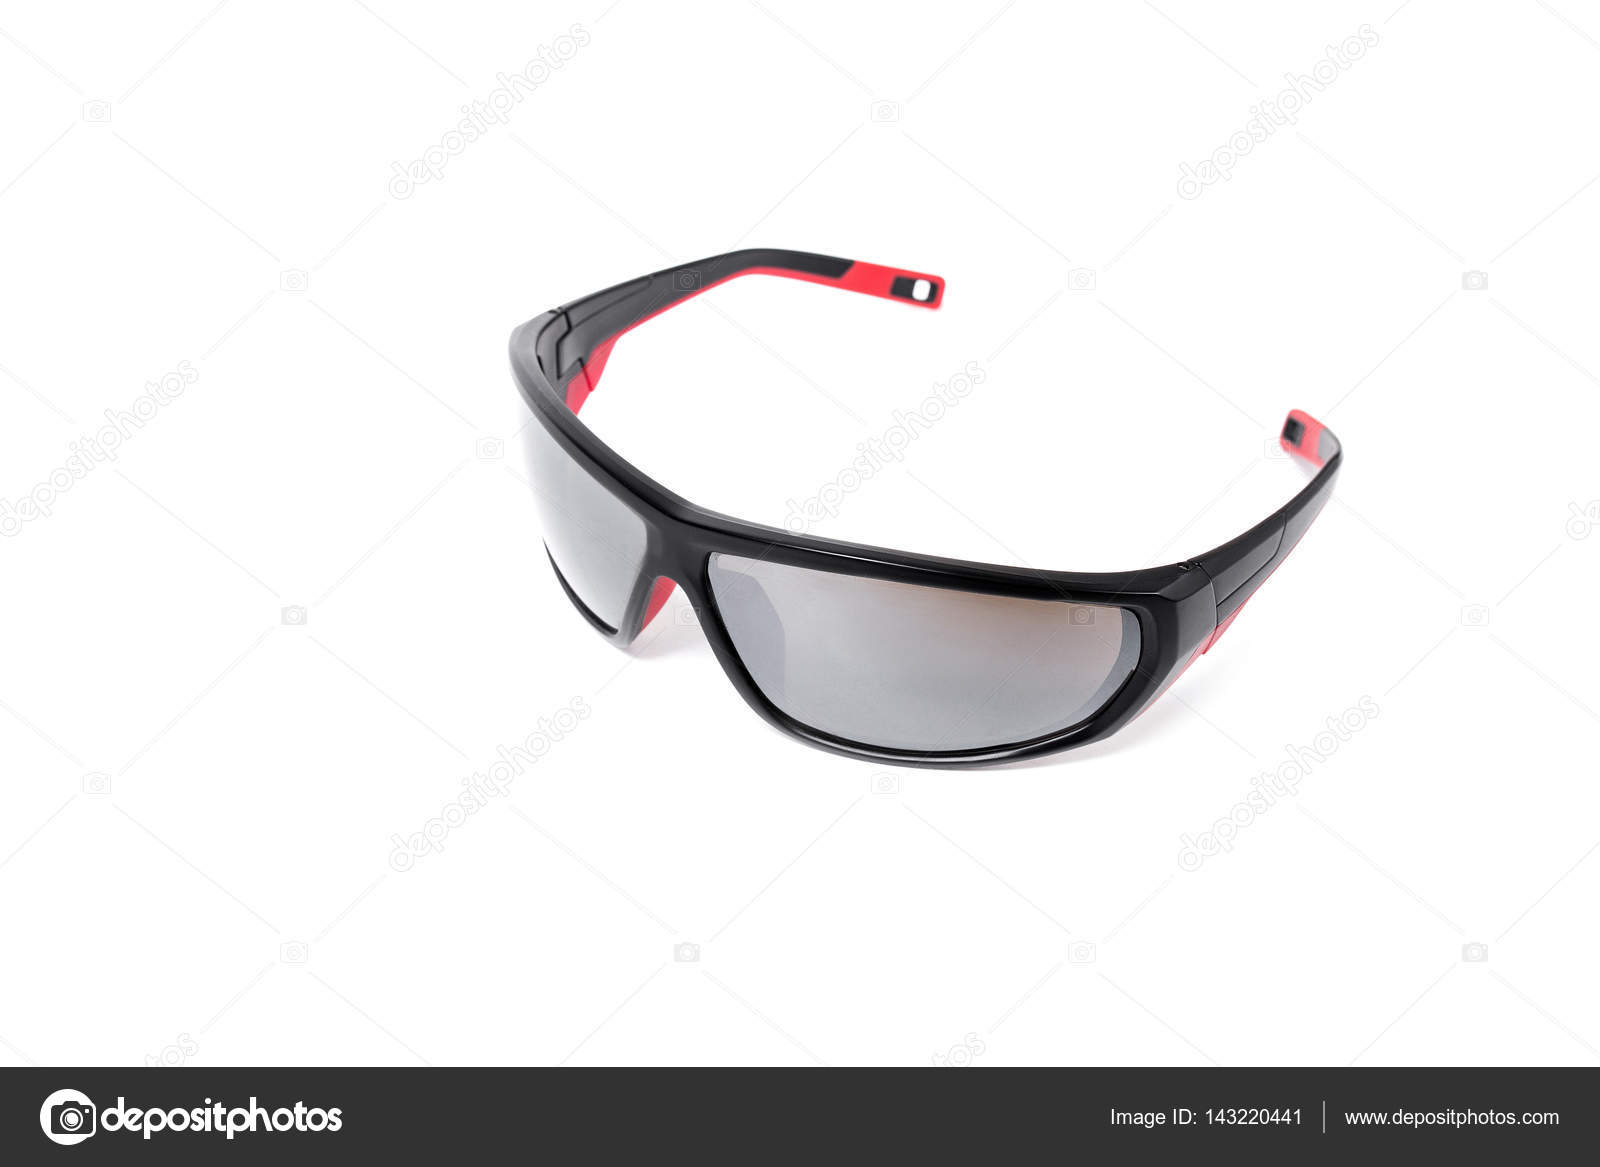 Sol Gafas Protección Uv Sube Grado Deporte Que Alto De Un Con erxodCB